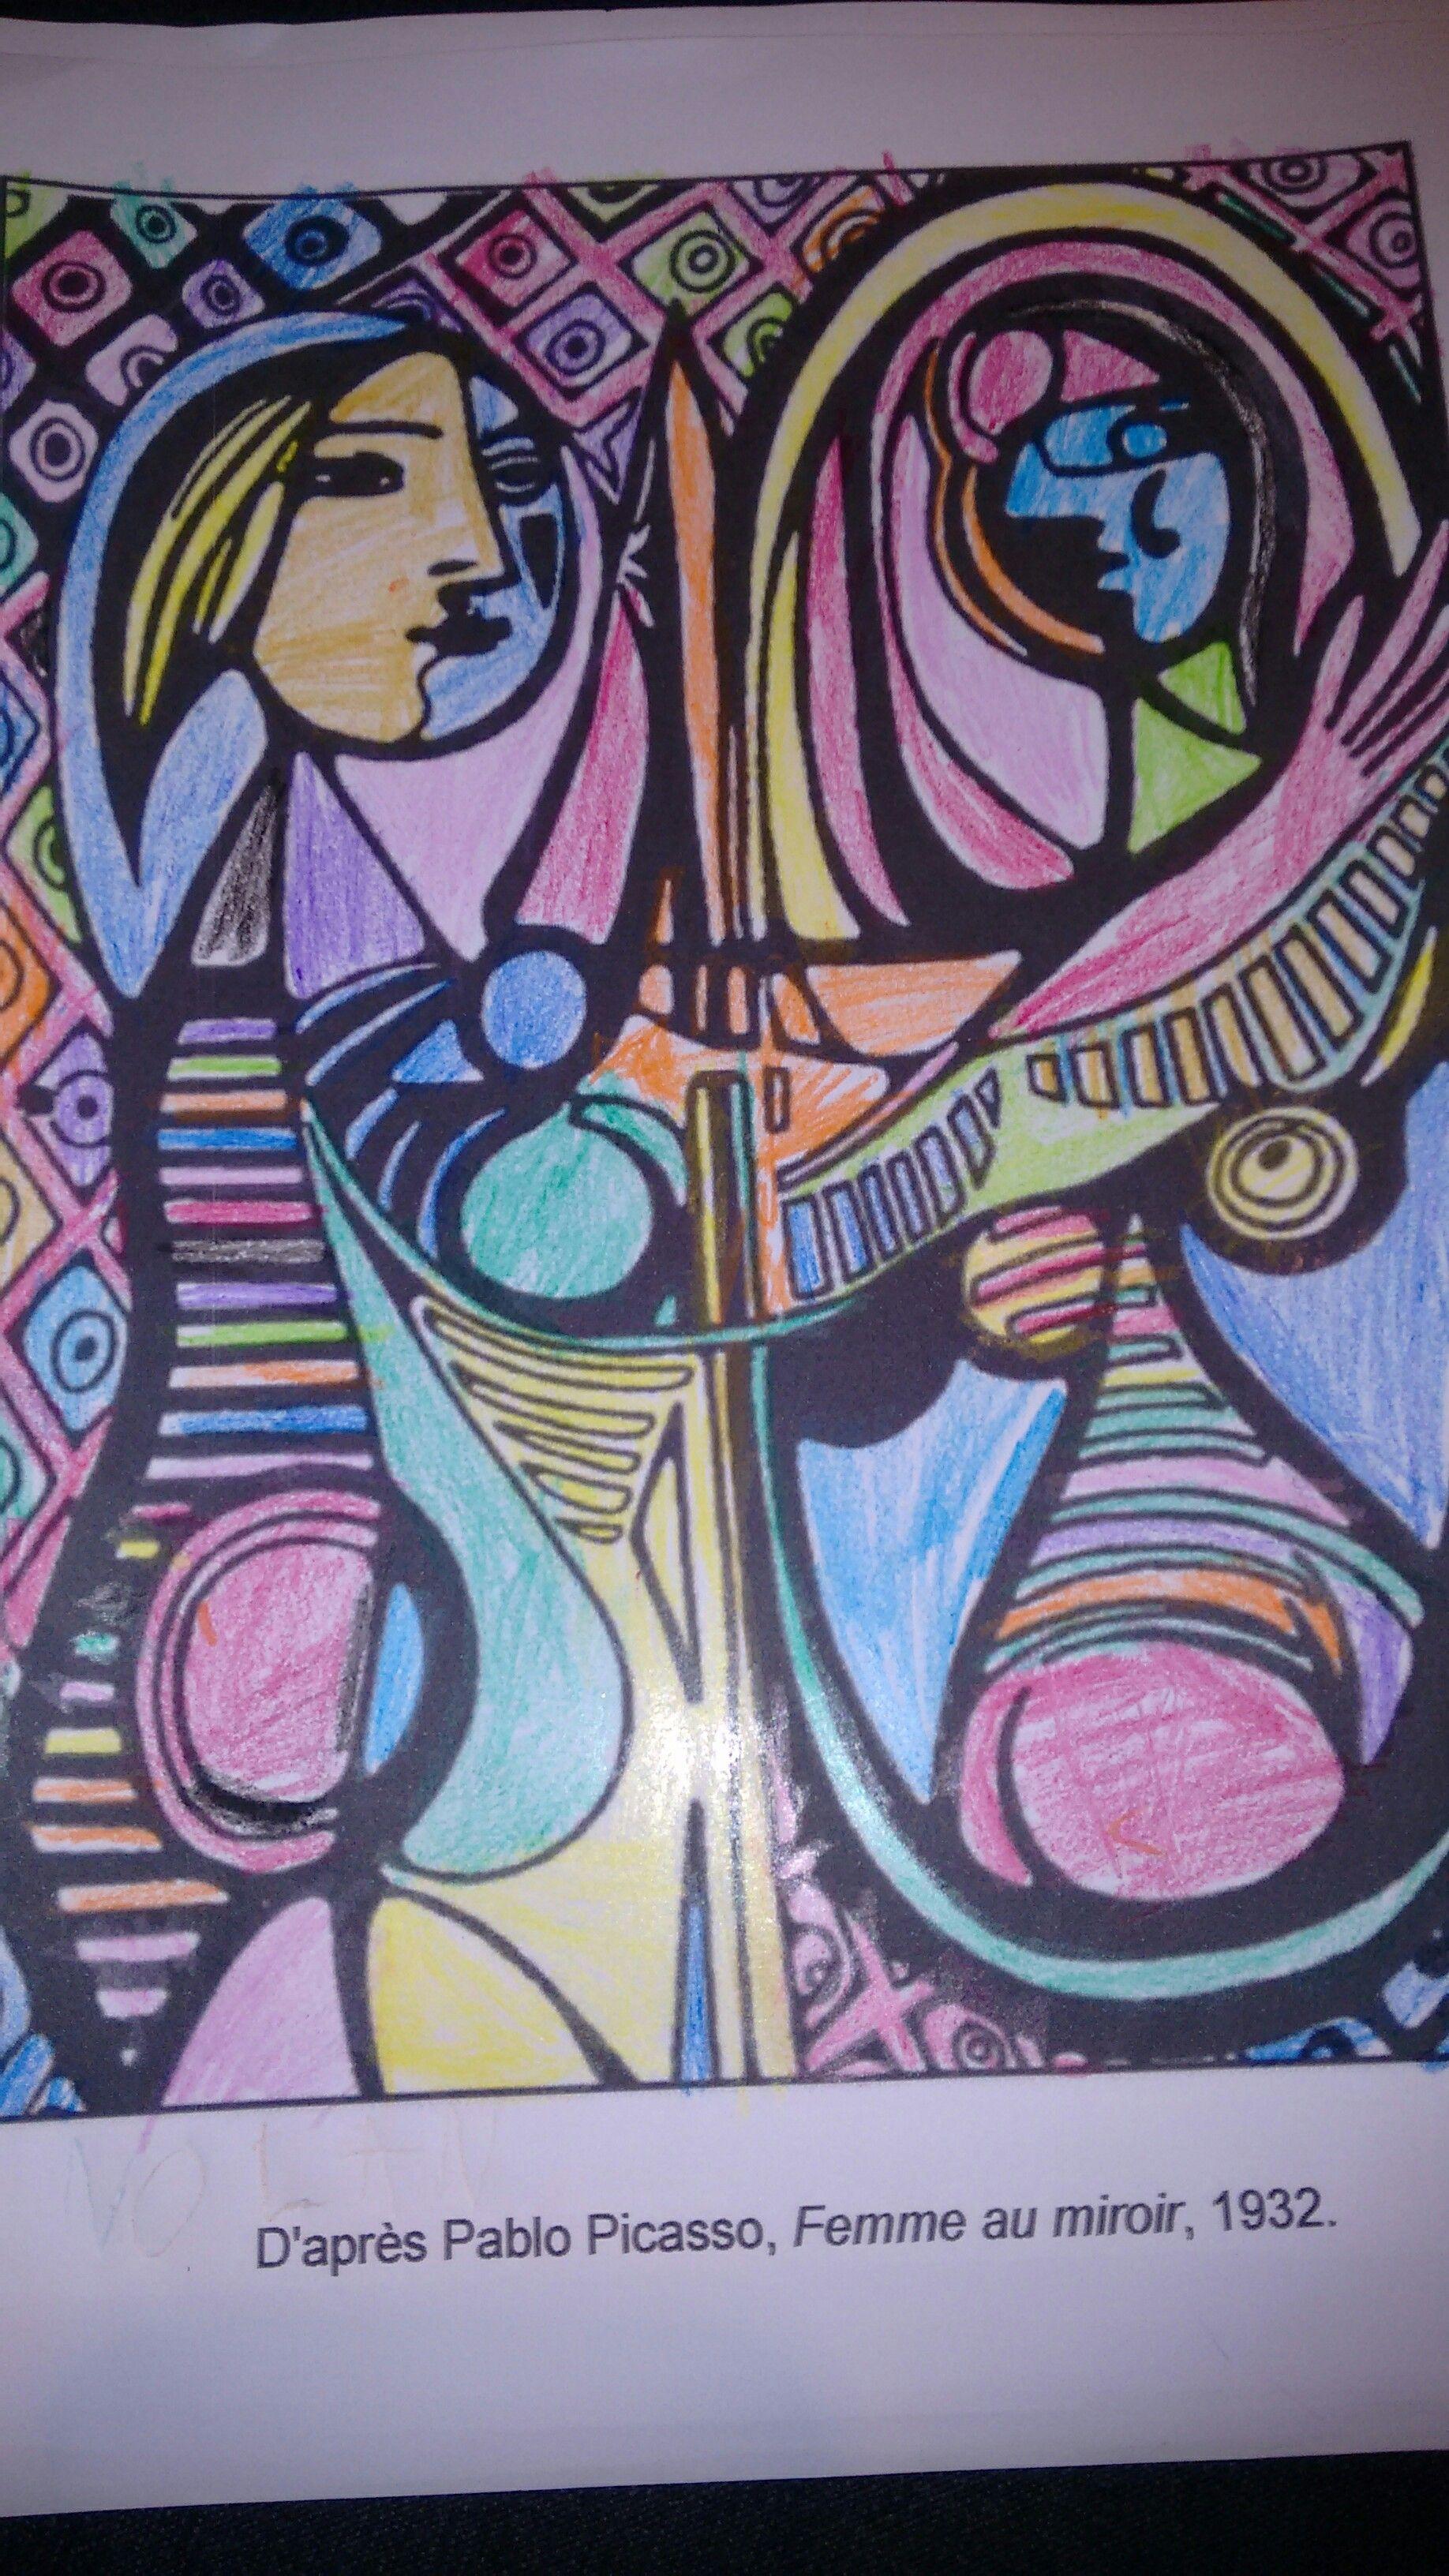 A la découverte de Pablo Picasso!